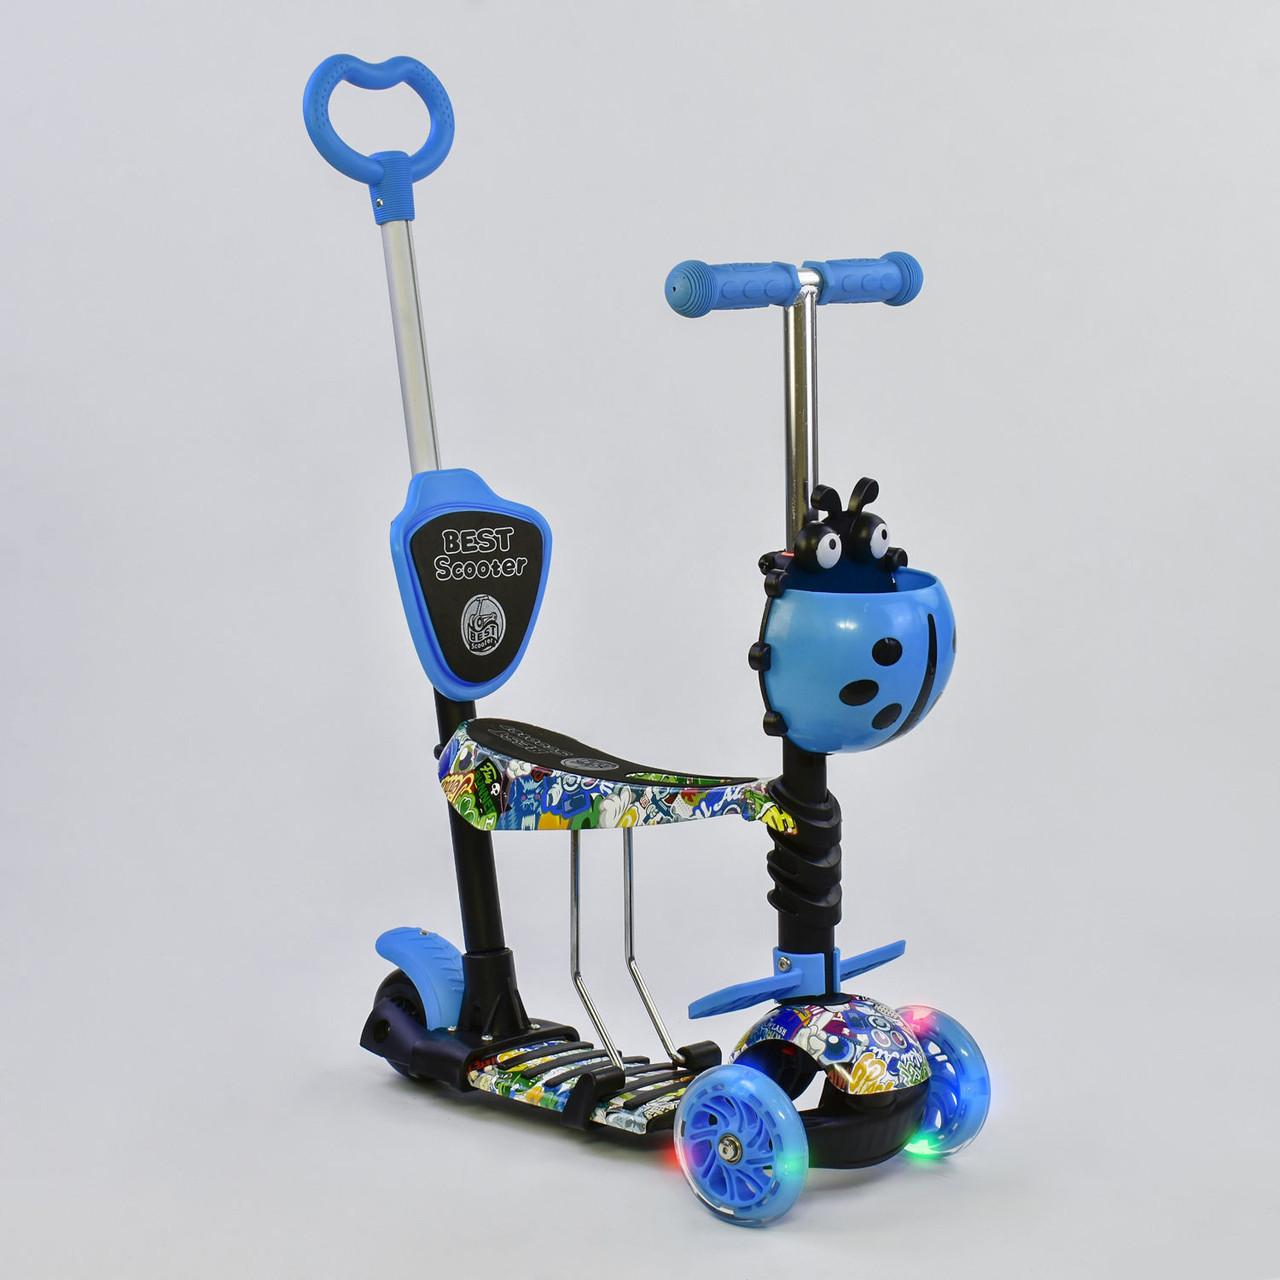 Самокат детский трёхколёсный Best Scooter 5в1